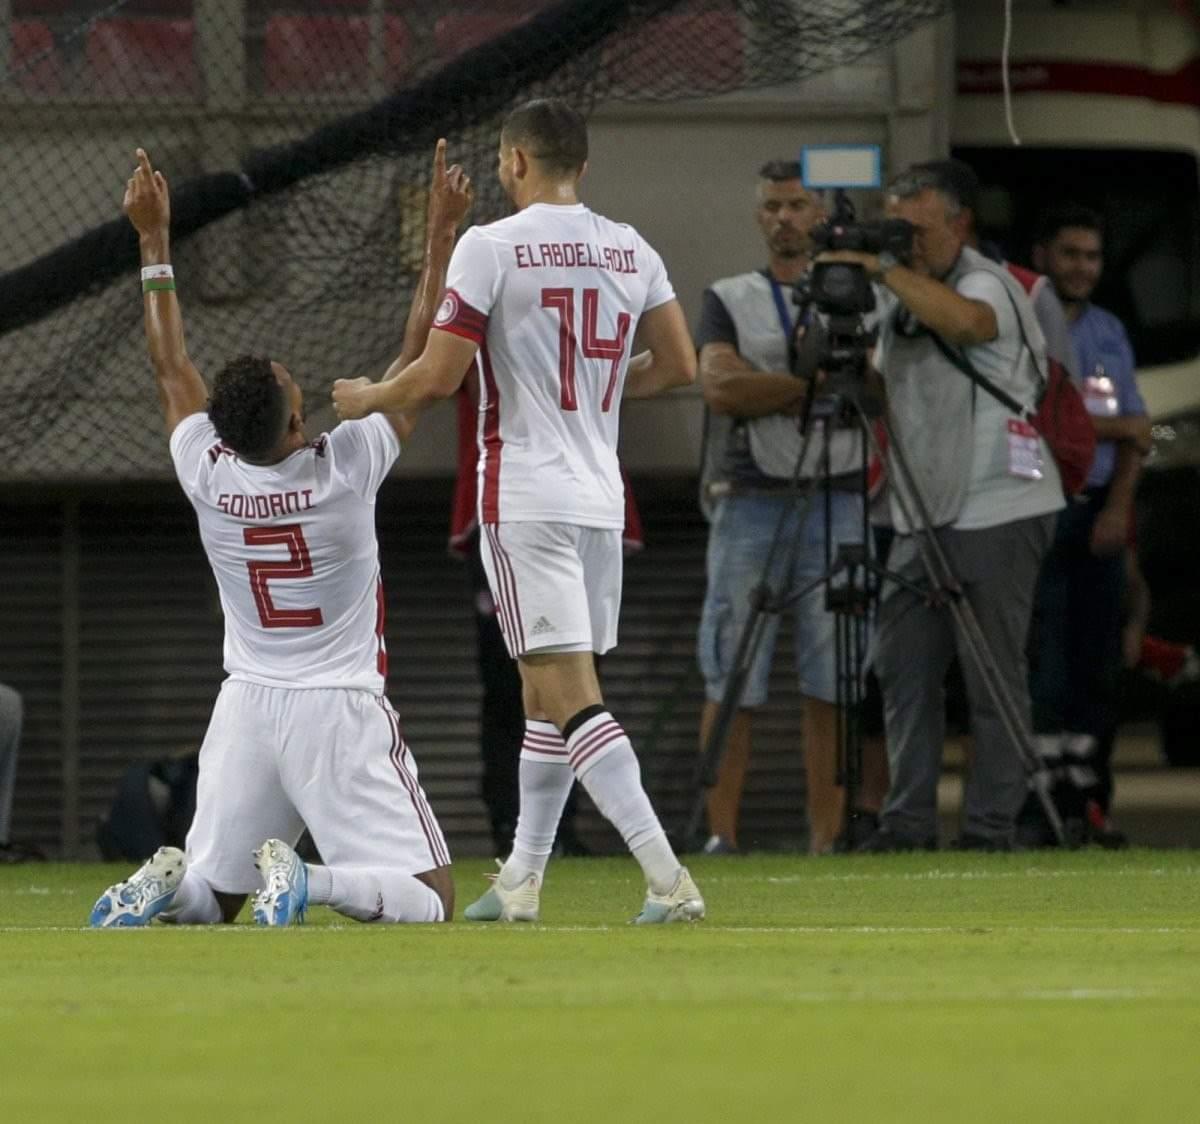 العربي هلال سوداني هداف مع فريقه أولمبياكوس 24